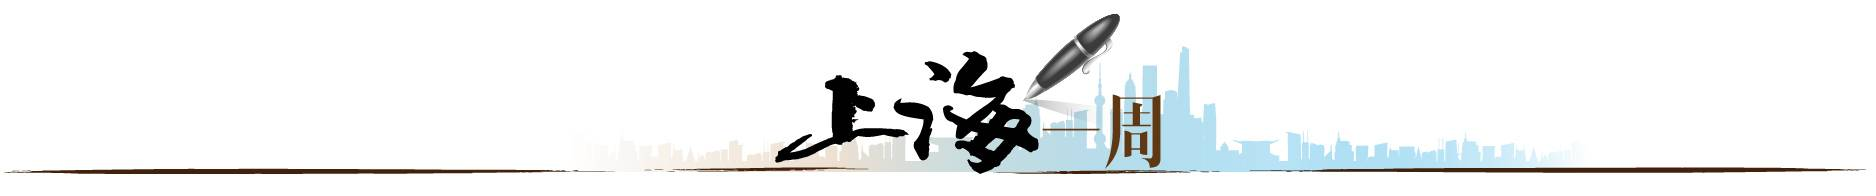 """【上海一周】大虹桥,为何要做""""极中极"""""""